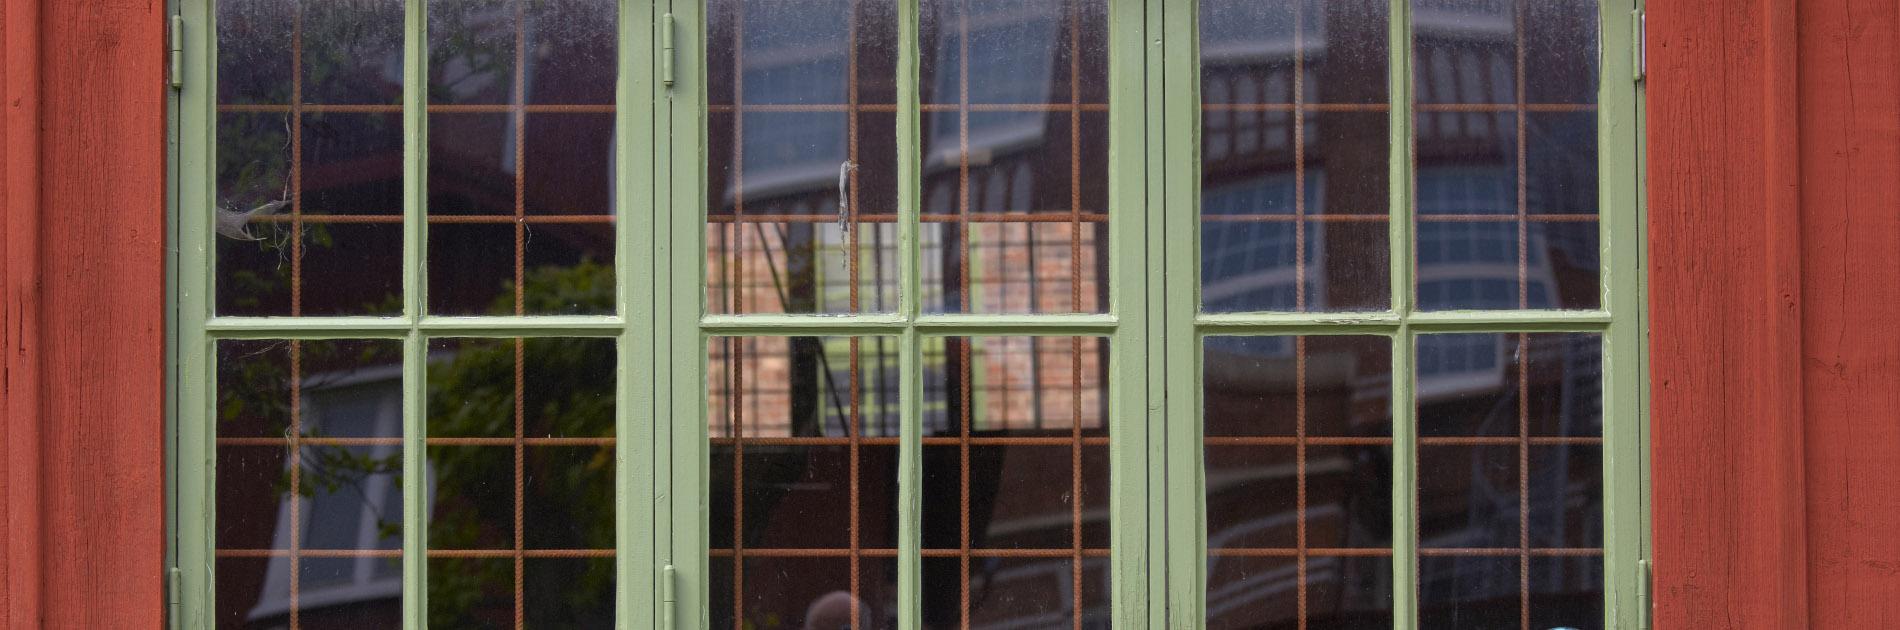 Äldre grönt fönster på en röd träbyggnad på Remfabriken.